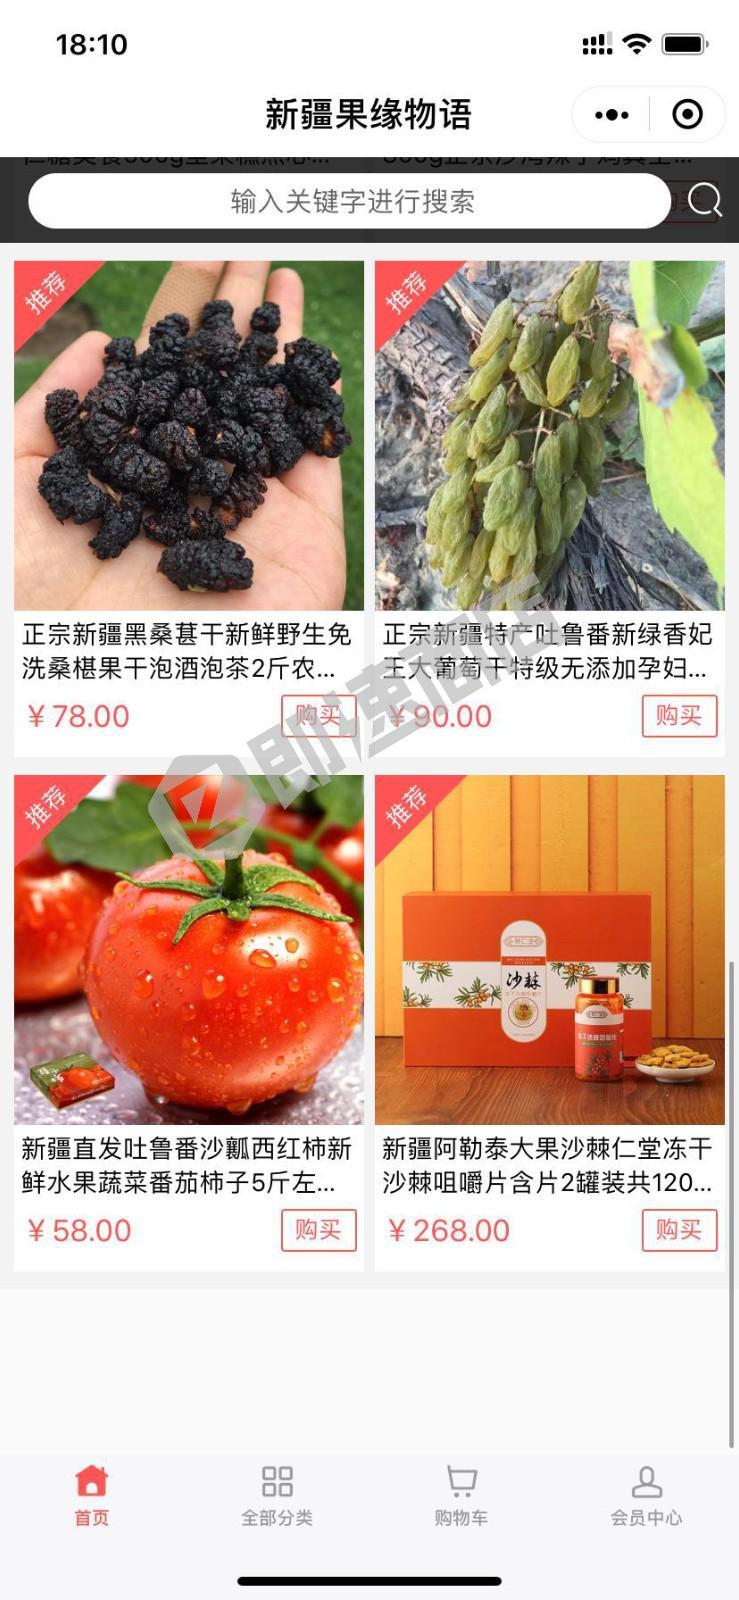 新疆果缘物语小程序列表页截图